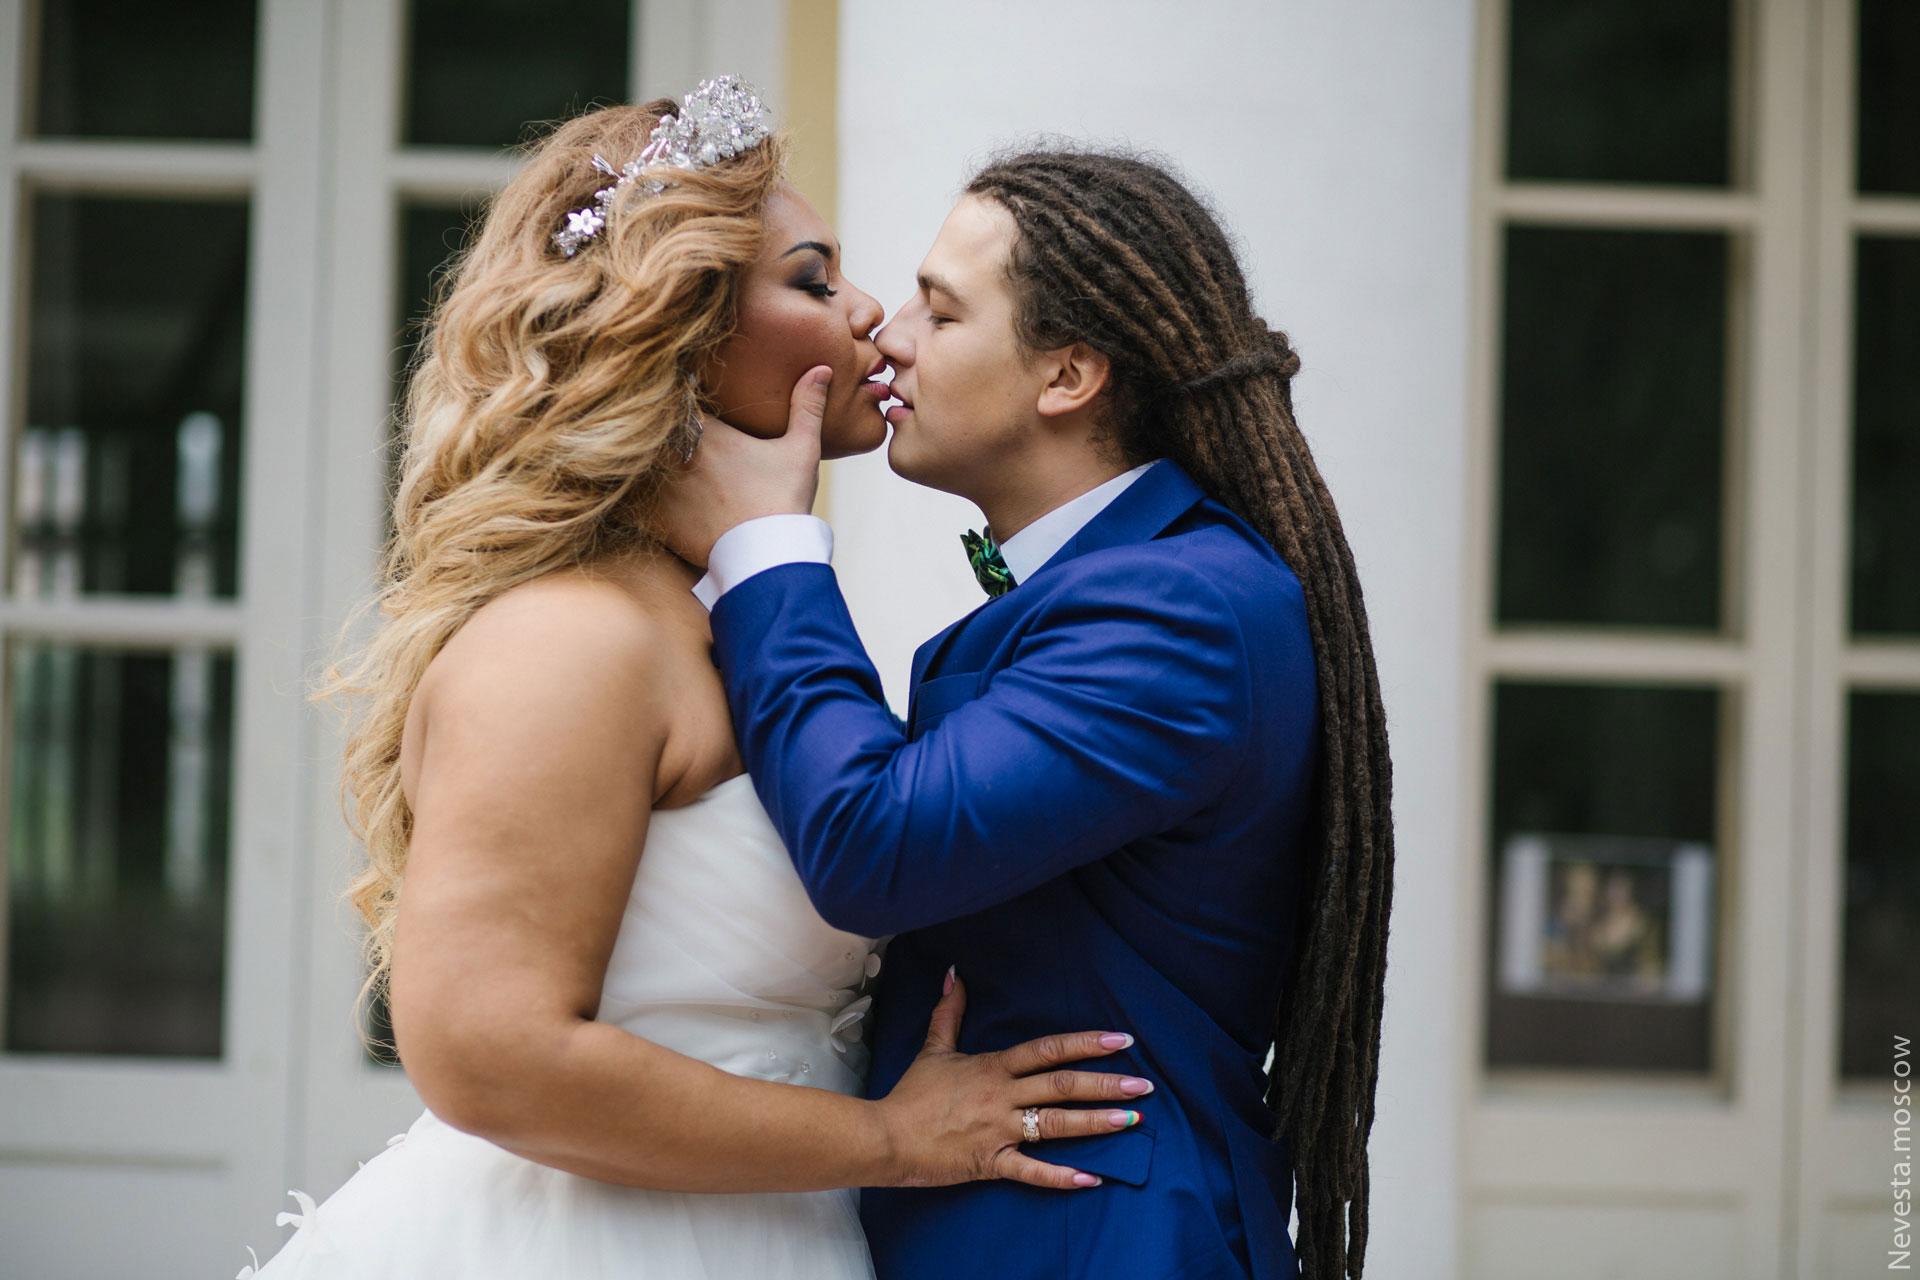 Экзотическая Ямайка. Свадьба Корнелии Манго и Богдана Дюрдя фото 26